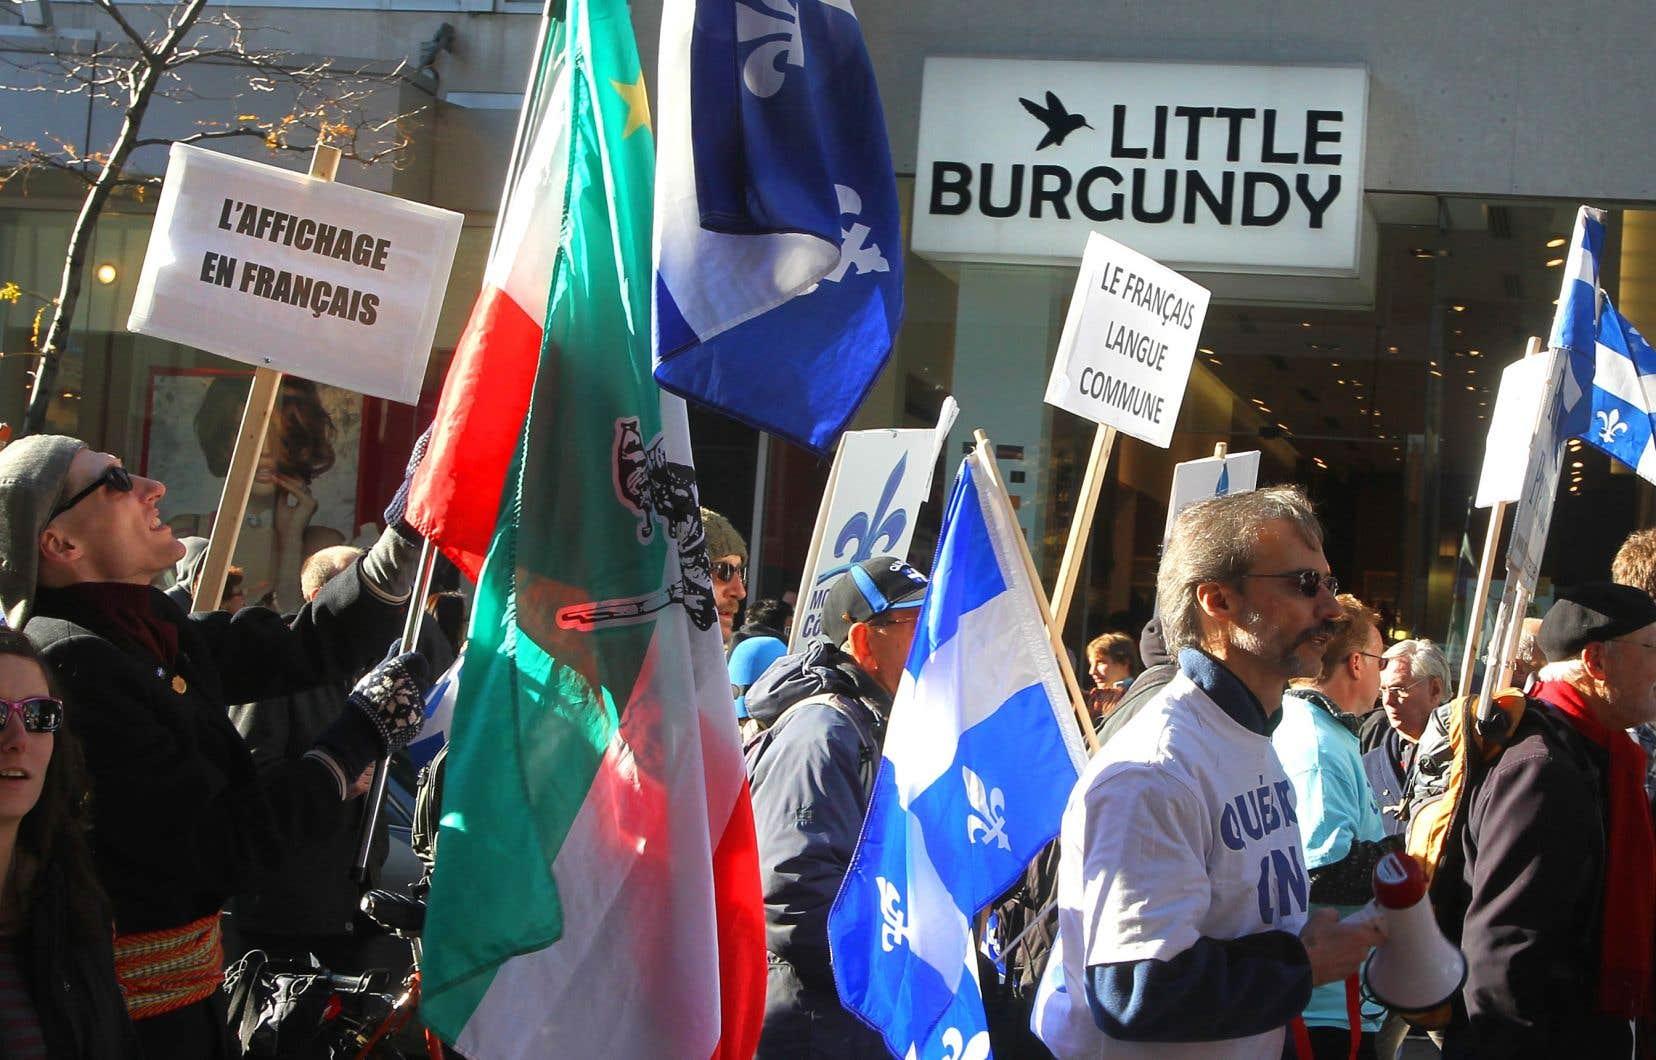 «Au Québec, la Loi 101 reconnait le besoin pour les francophones de travailler et de vivre dans leur langue dans l'espace public», rappelle l'auteur.